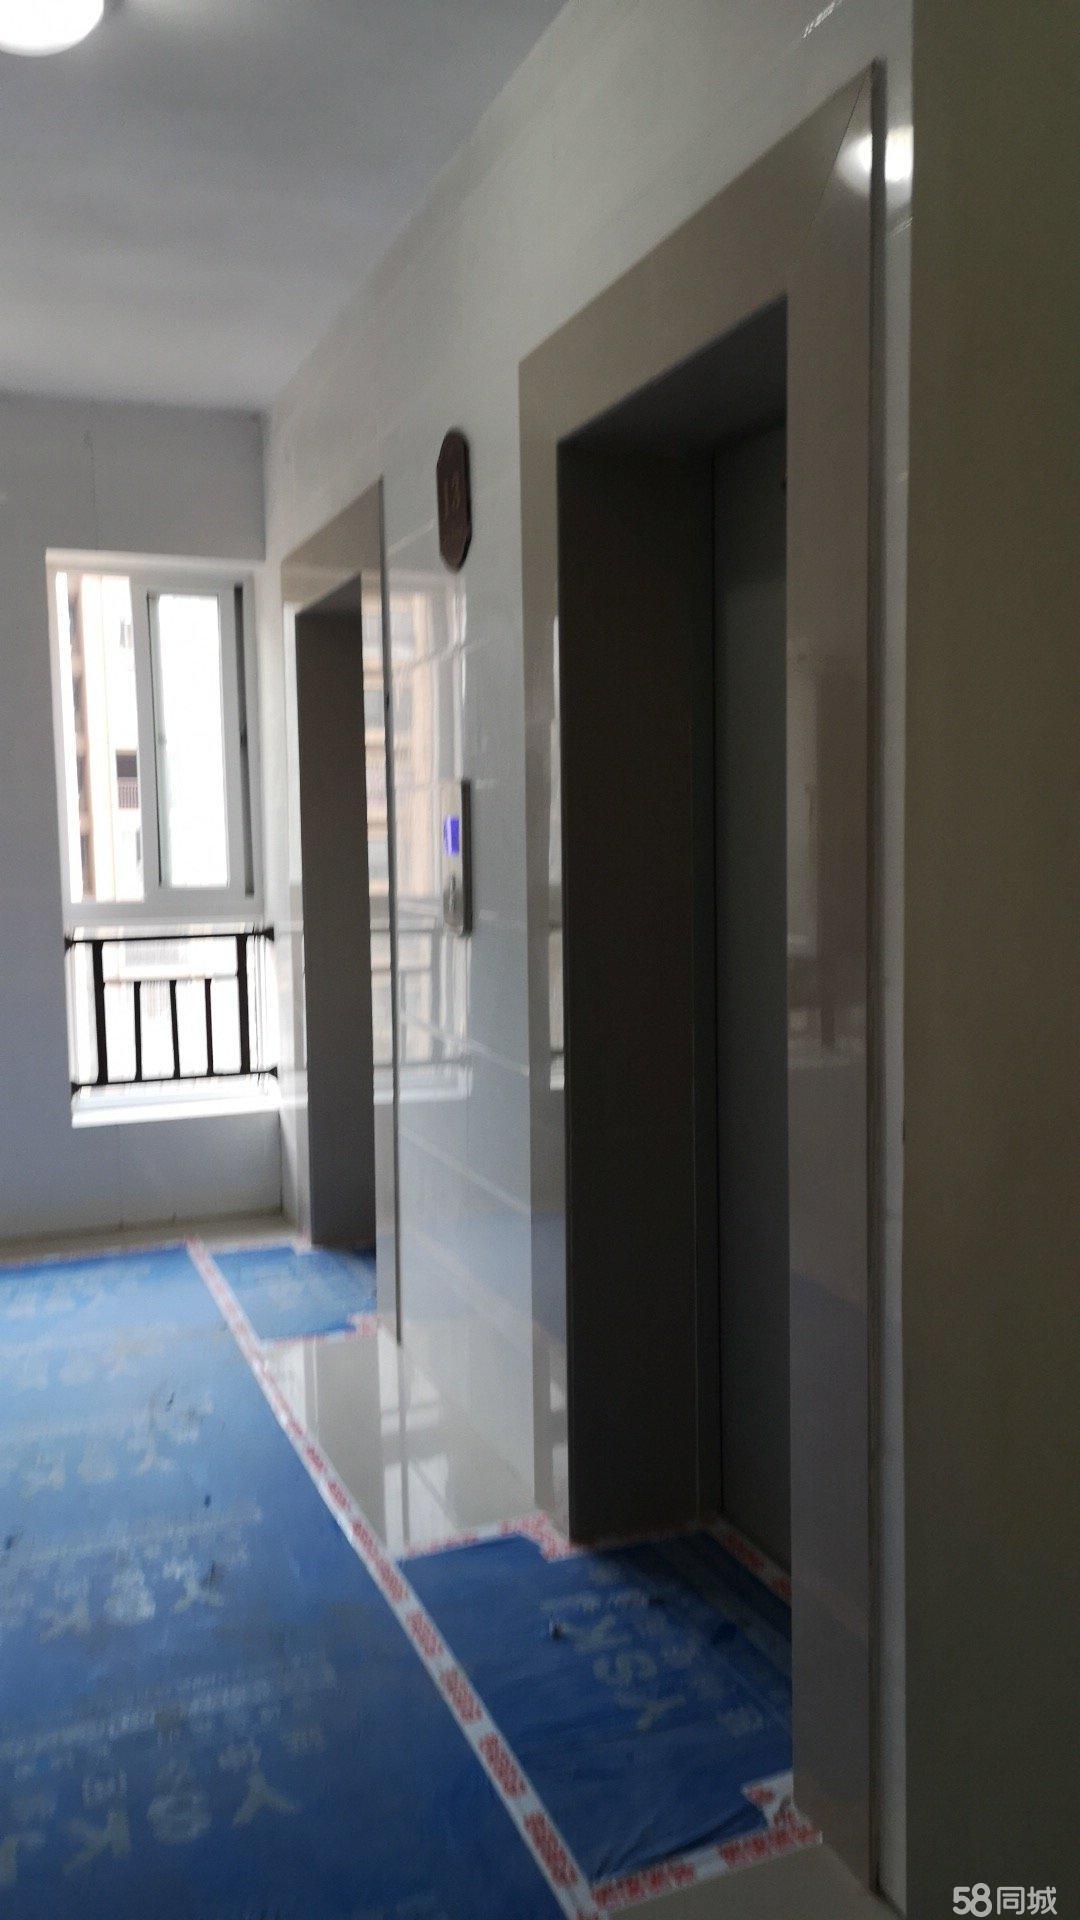 明輝阿卡迪亞2室2廳1衛